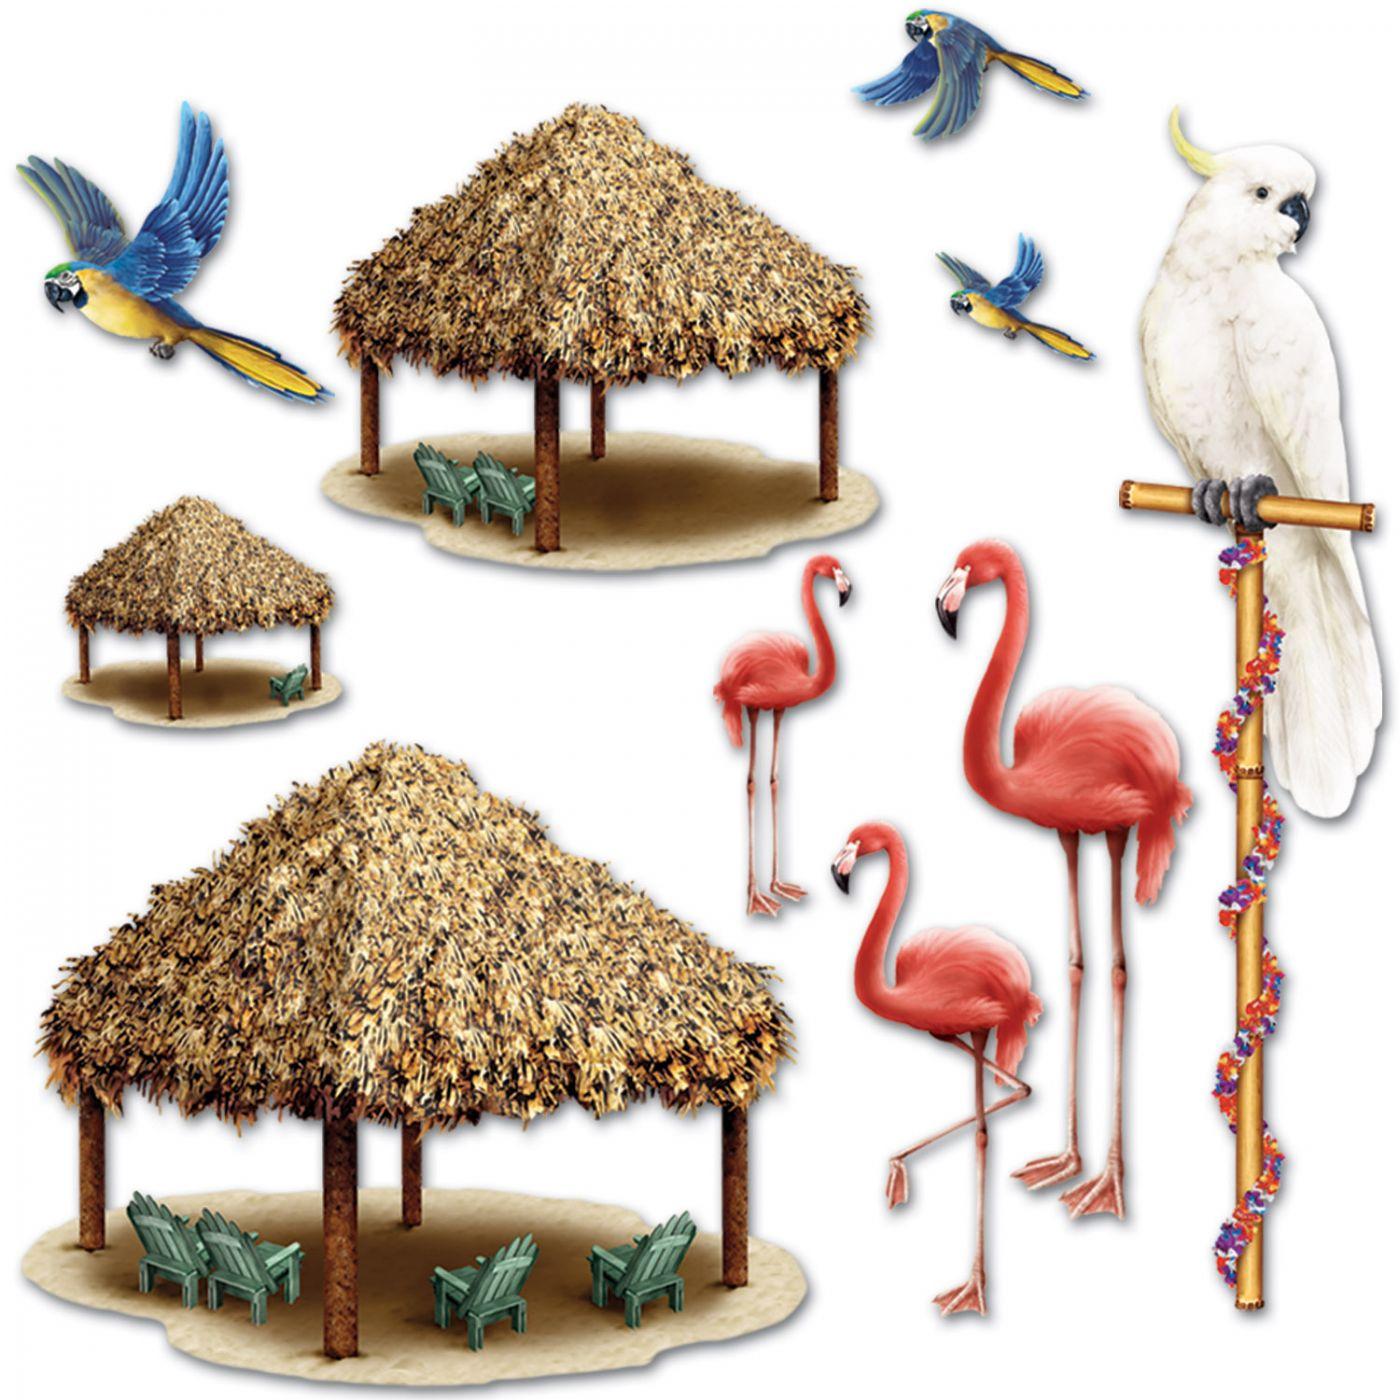 Tiki Hut & Tropical Bird Props image